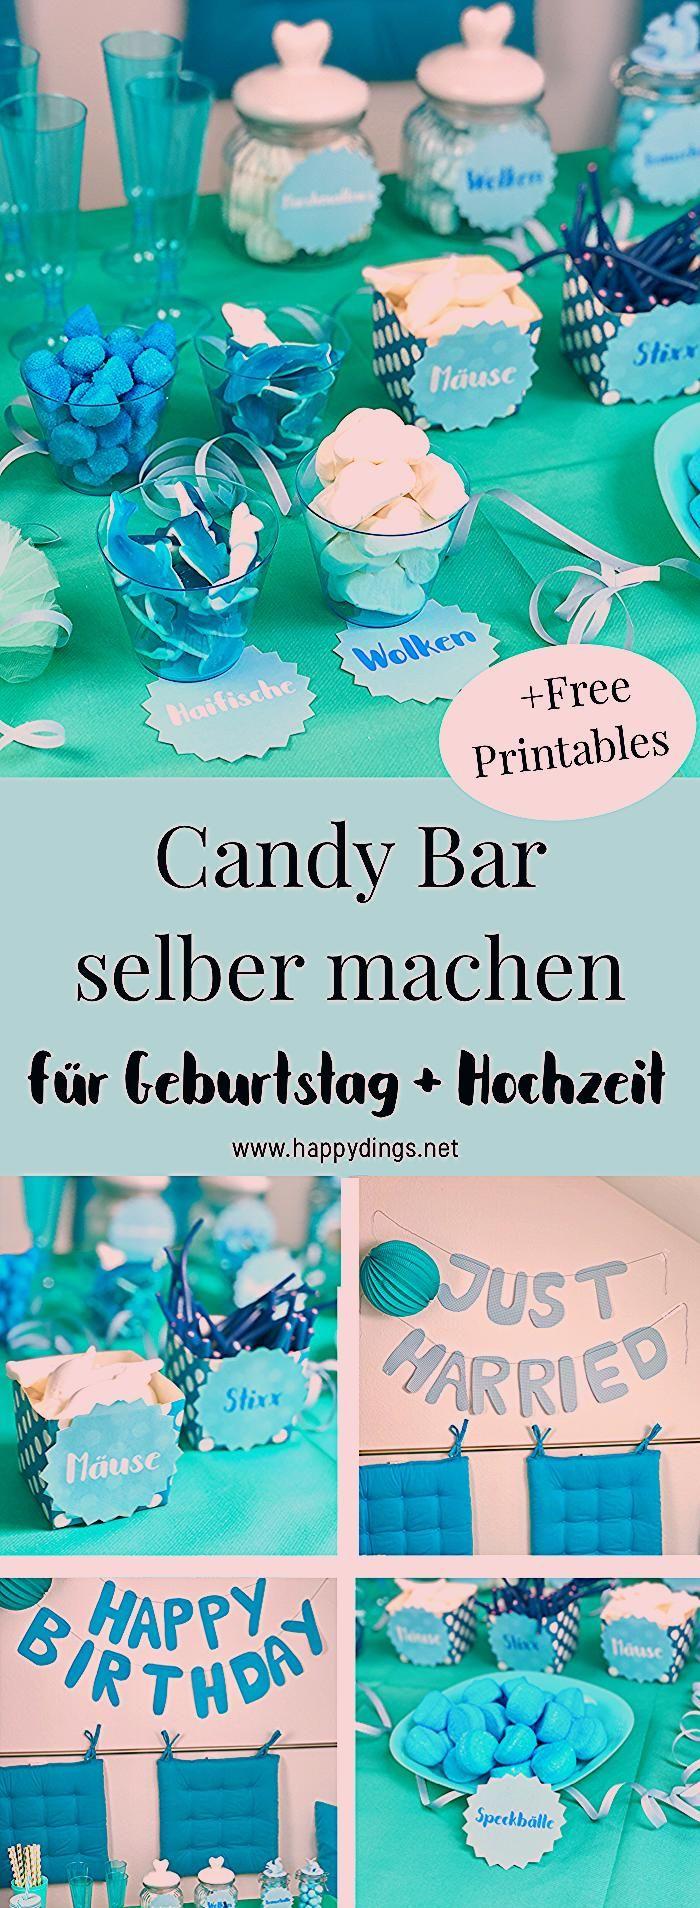 Photo of Candy Bar selber machen zur Hochzeit oder zum Geburtstag